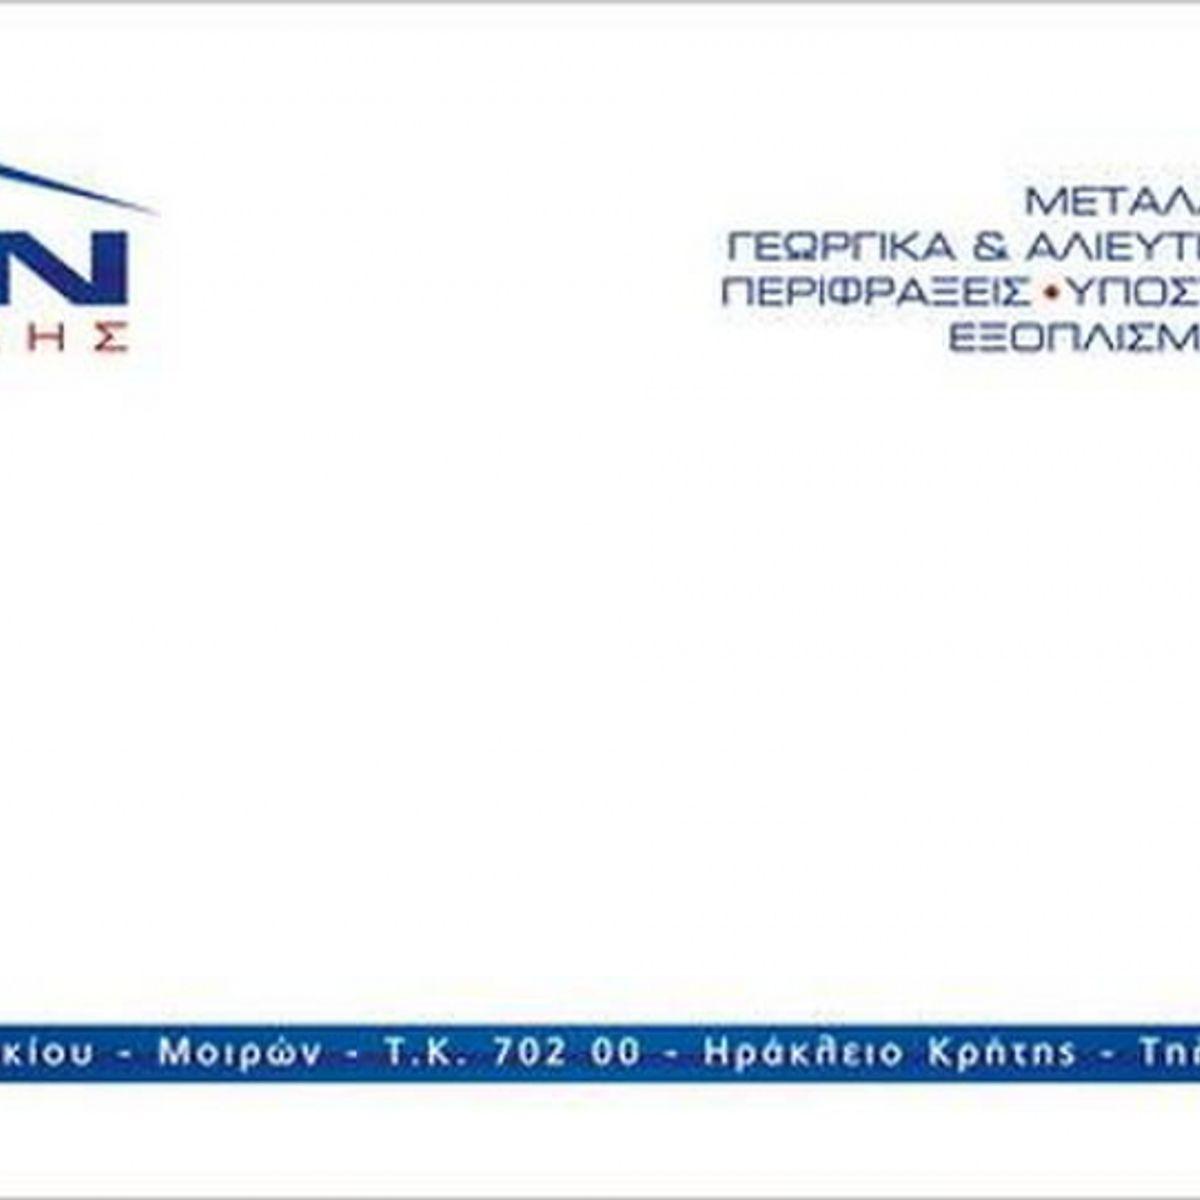 Φάκελοι - fos3543